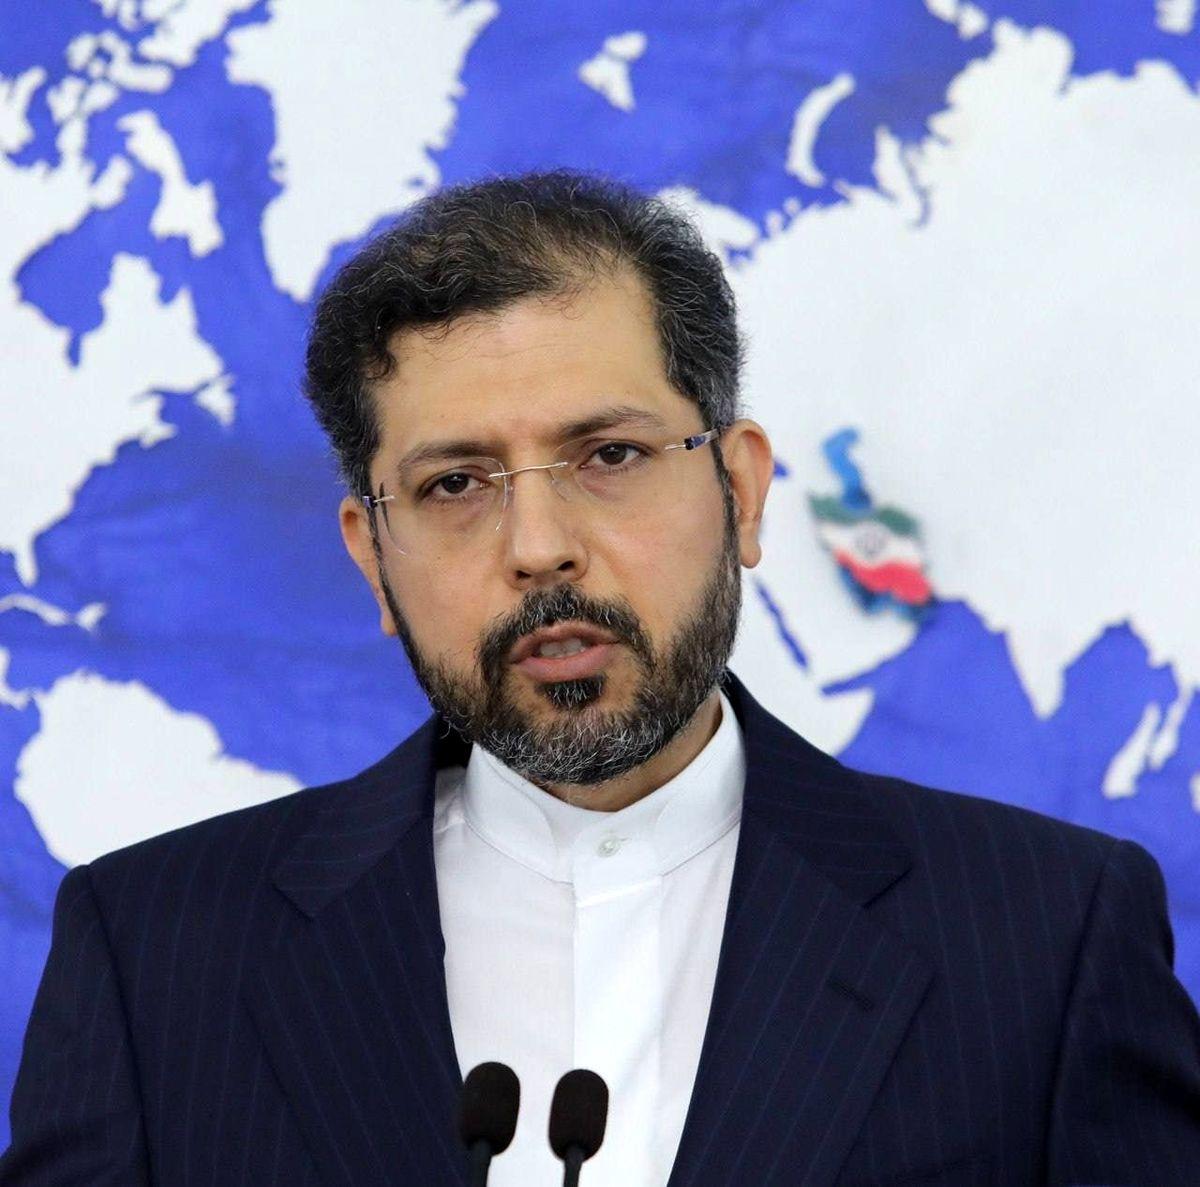 رای صلاحیتی دیوان لاهه درباره شکایت ایران از آمریکا صادر شد